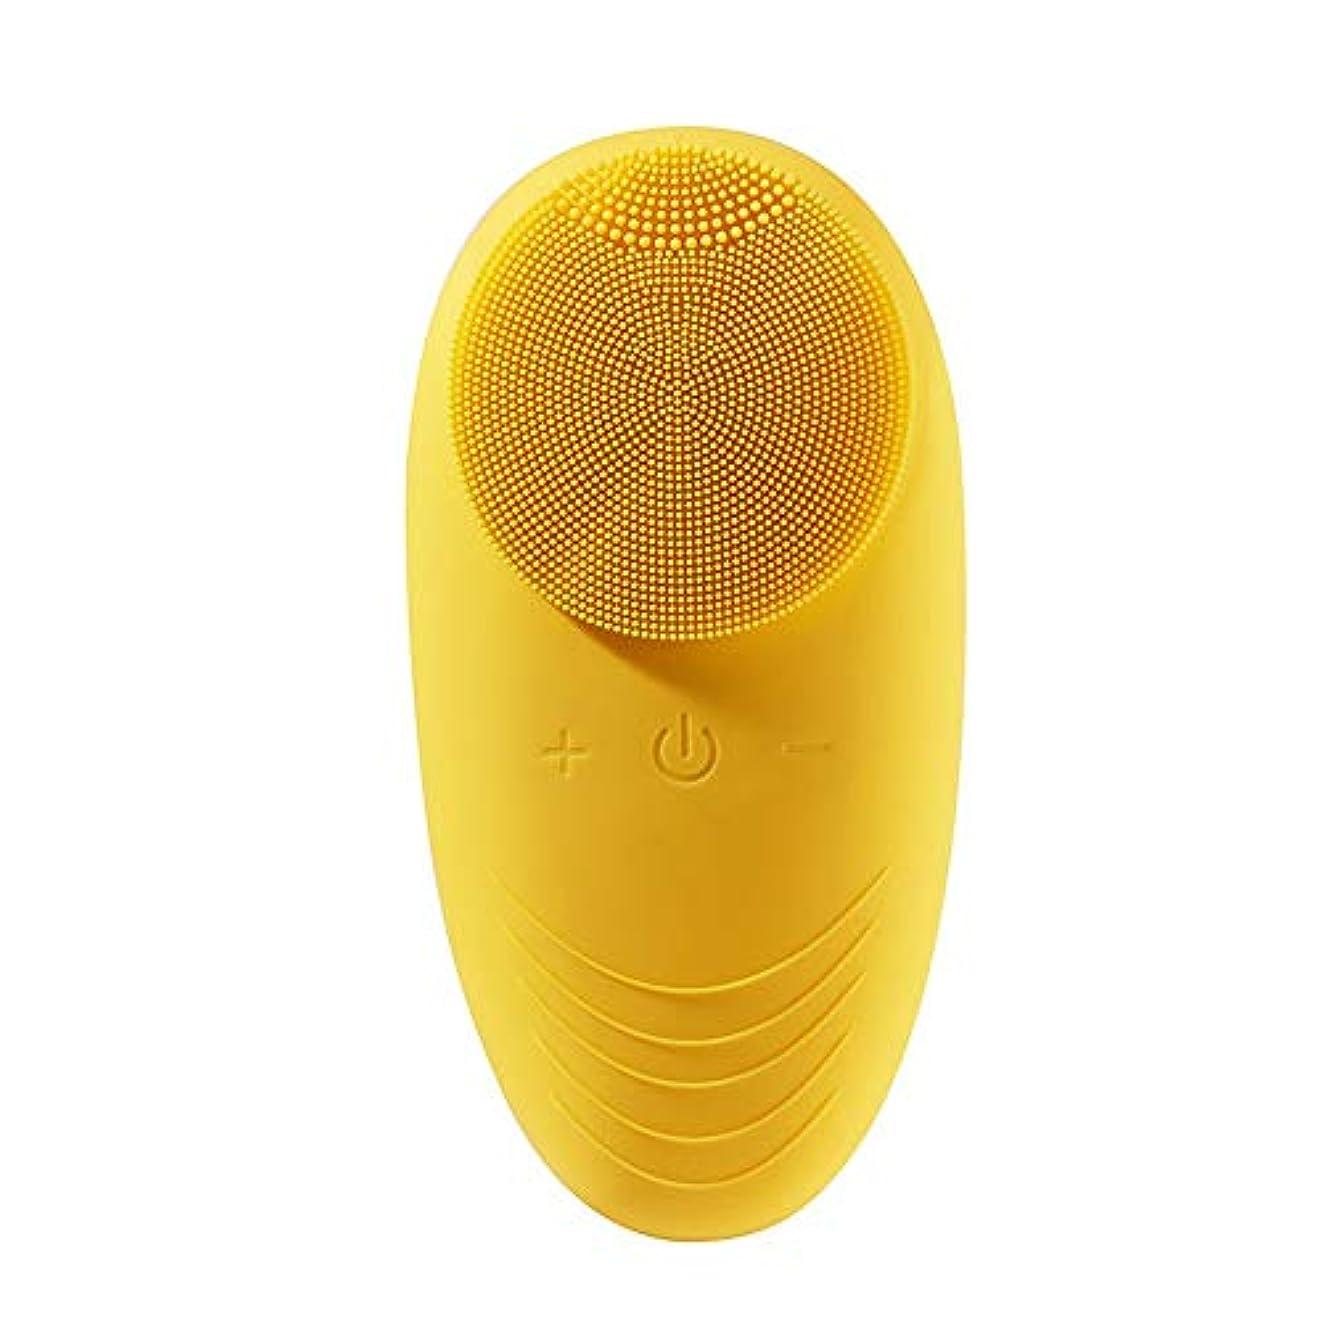 頑張る滑り台乱暴なZXF 電気シリコーン防水クレンジングブラシディープクリーニングポア超音波振動クレンジング器具美容器具 滑らかである (色 : Yellow)